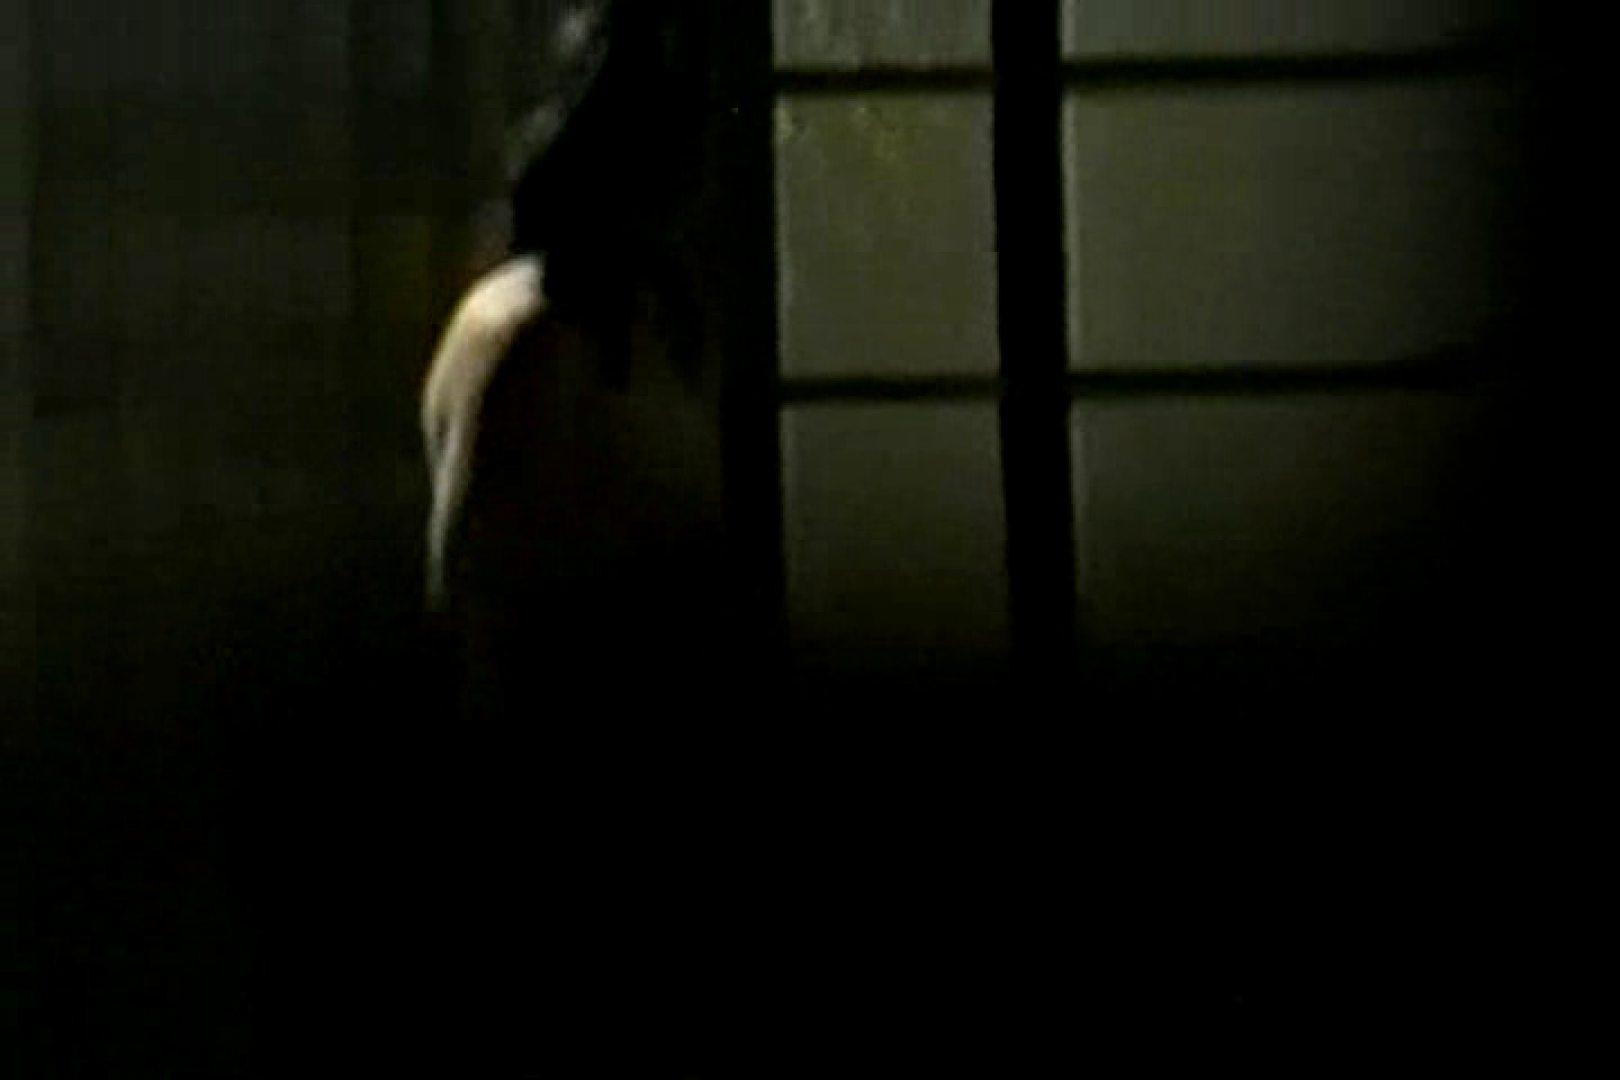 深夜の撮影会Vol.6 OLヌード天国 盗撮動画紹介 109PIX 32